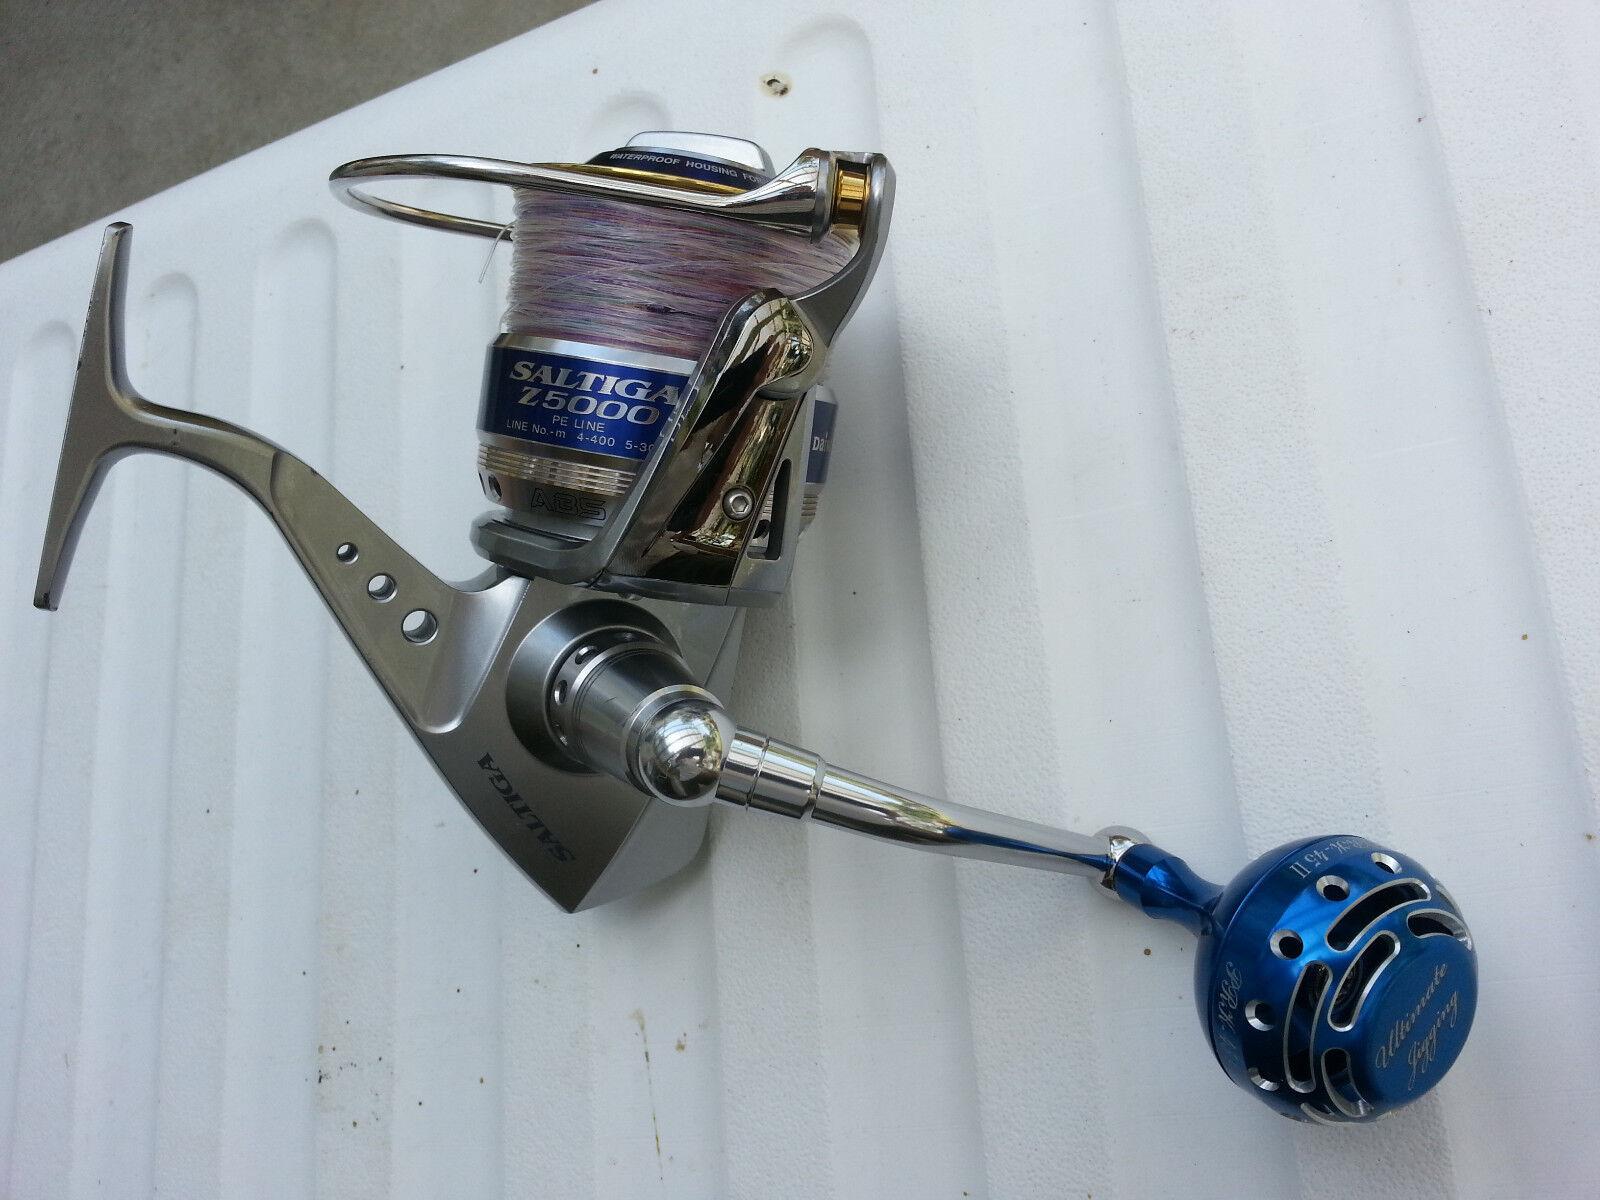 UJ PRK 45 II knob FITS Daiwa Daiwa Daiwa Saltiga Saltist 20 ~ 60 CVN & Spinning reel blu/SV eeebf5